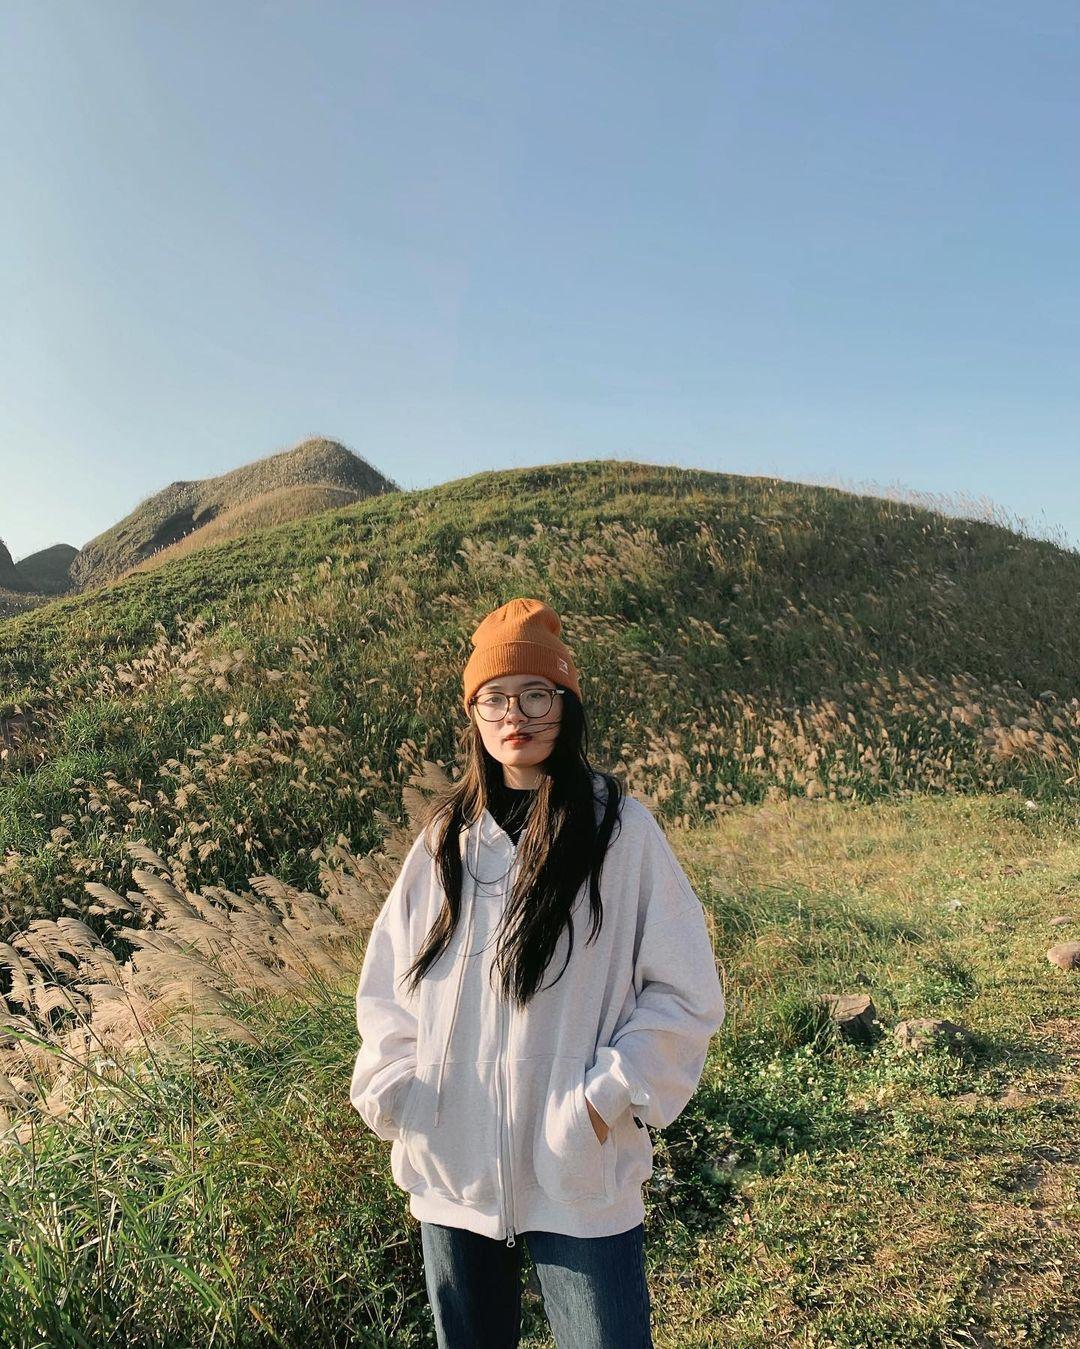 Cánh đồng cỏ lau là toạ độ sống ảo không thể bỏ qua khi tới Bình Liêu